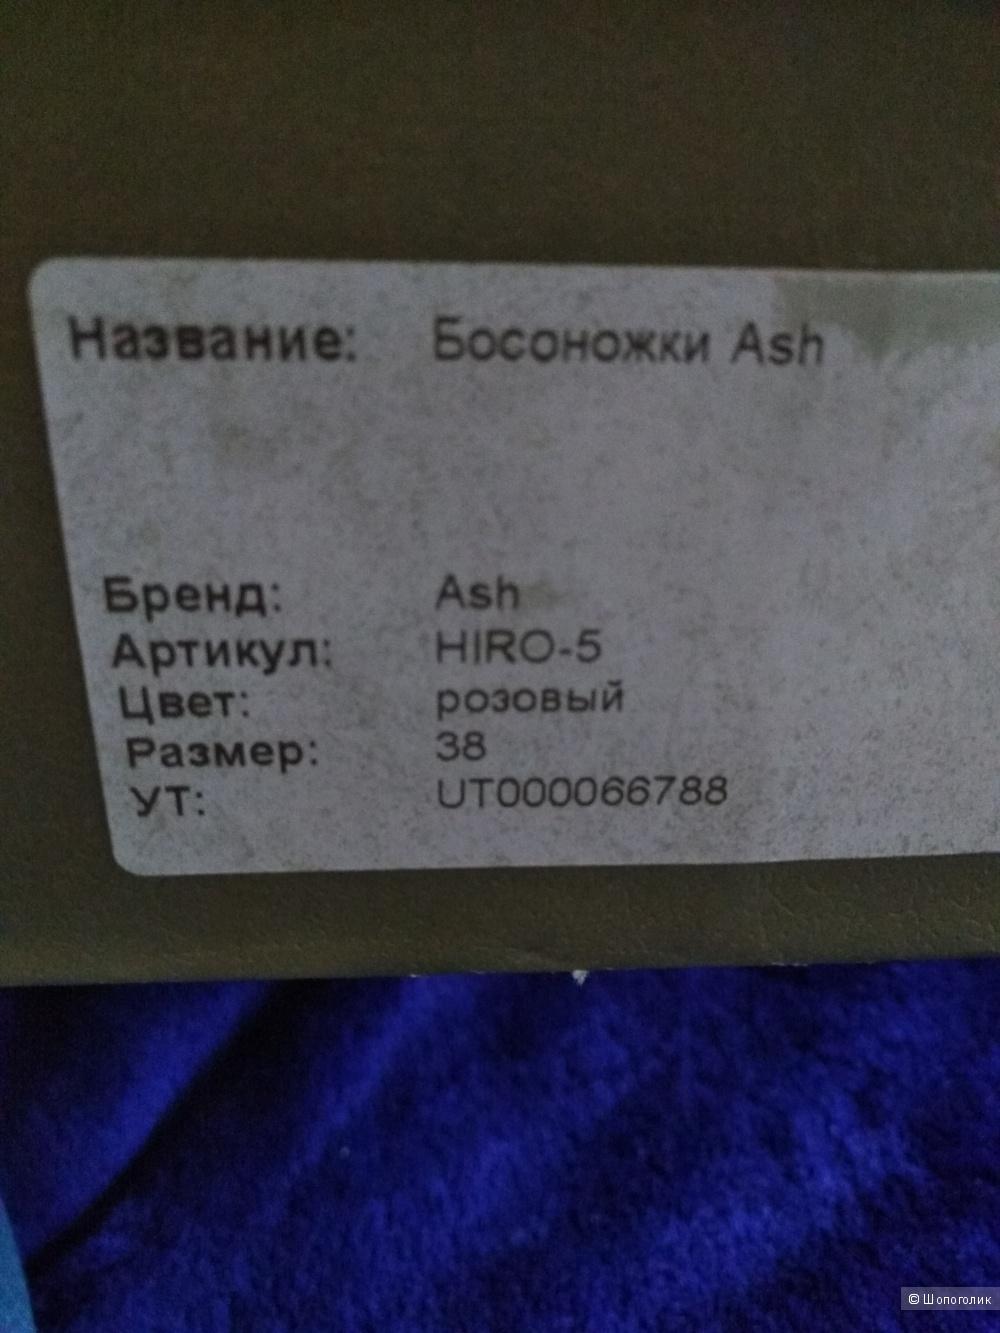 Босоножки ASH 38 р-р.